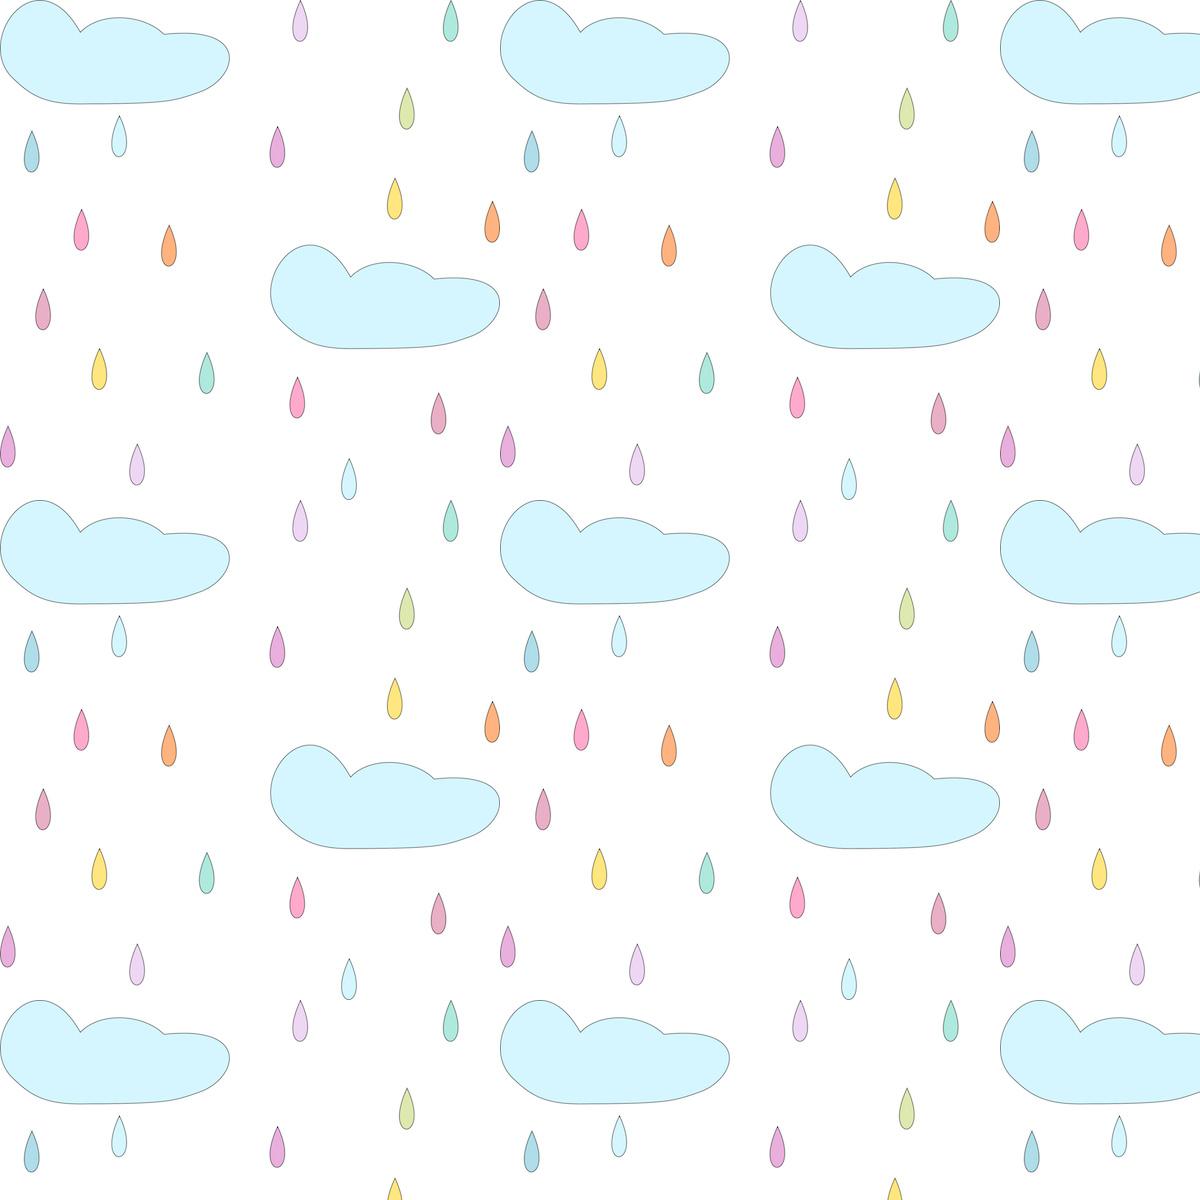 Scrapbook paper clouds - Free Digital Rain Drops Scrapbooking Paper Freebie